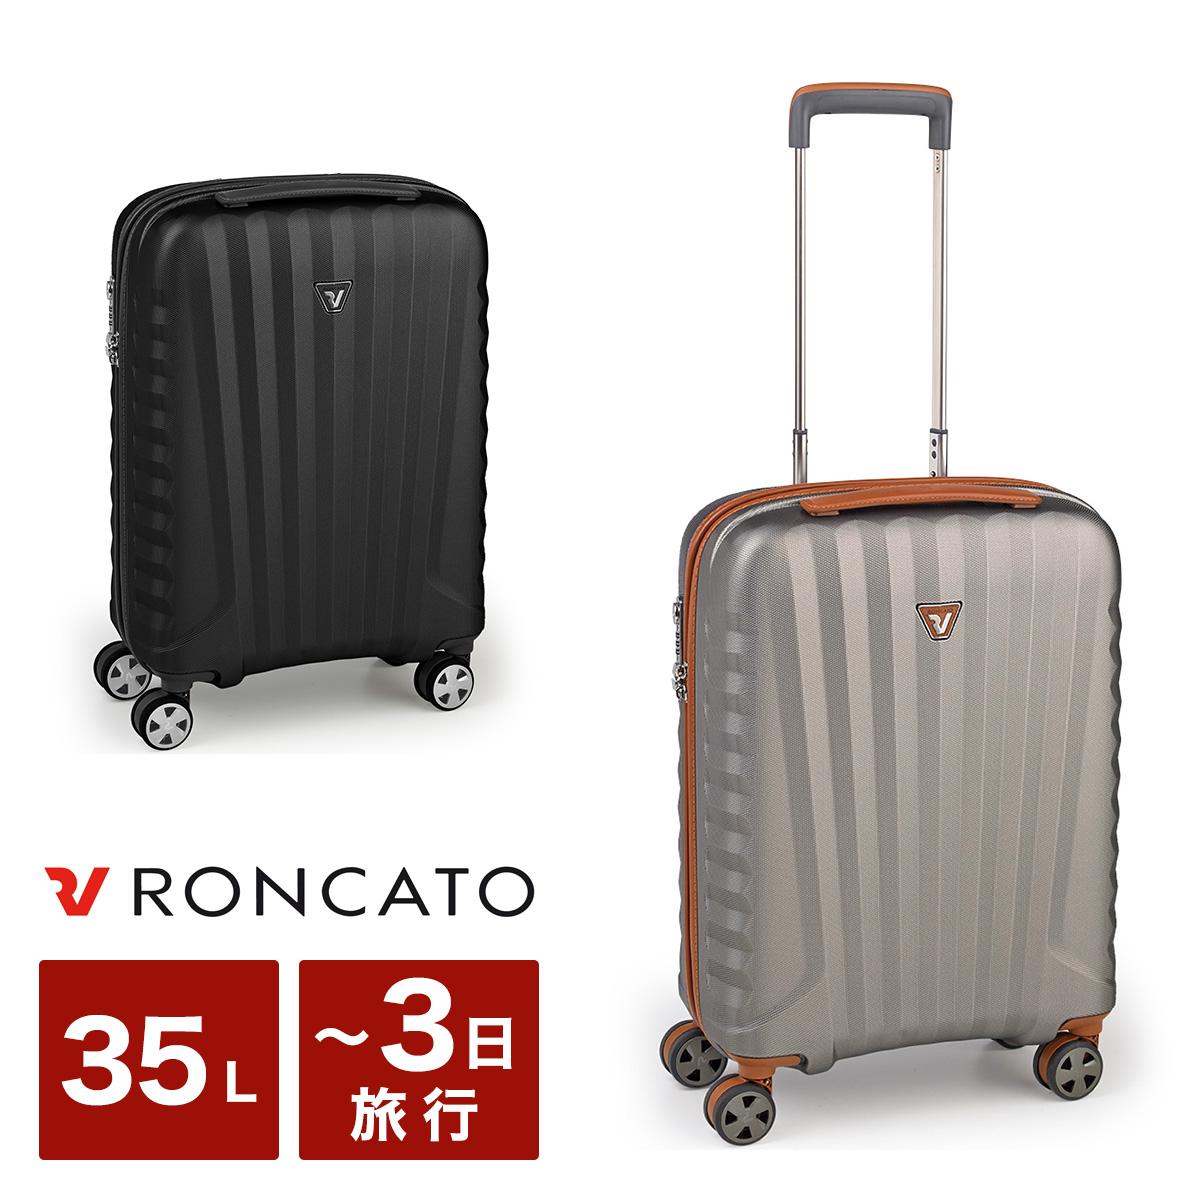 ロンカート スーツケース 35L 51cm 2.4kg ハード ファスナー 機内持ち込み イタリア製 イーライト 5223 RONCATO E-LITE キャリーケース 軽量 TSAロック搭載 10年保証[bef]